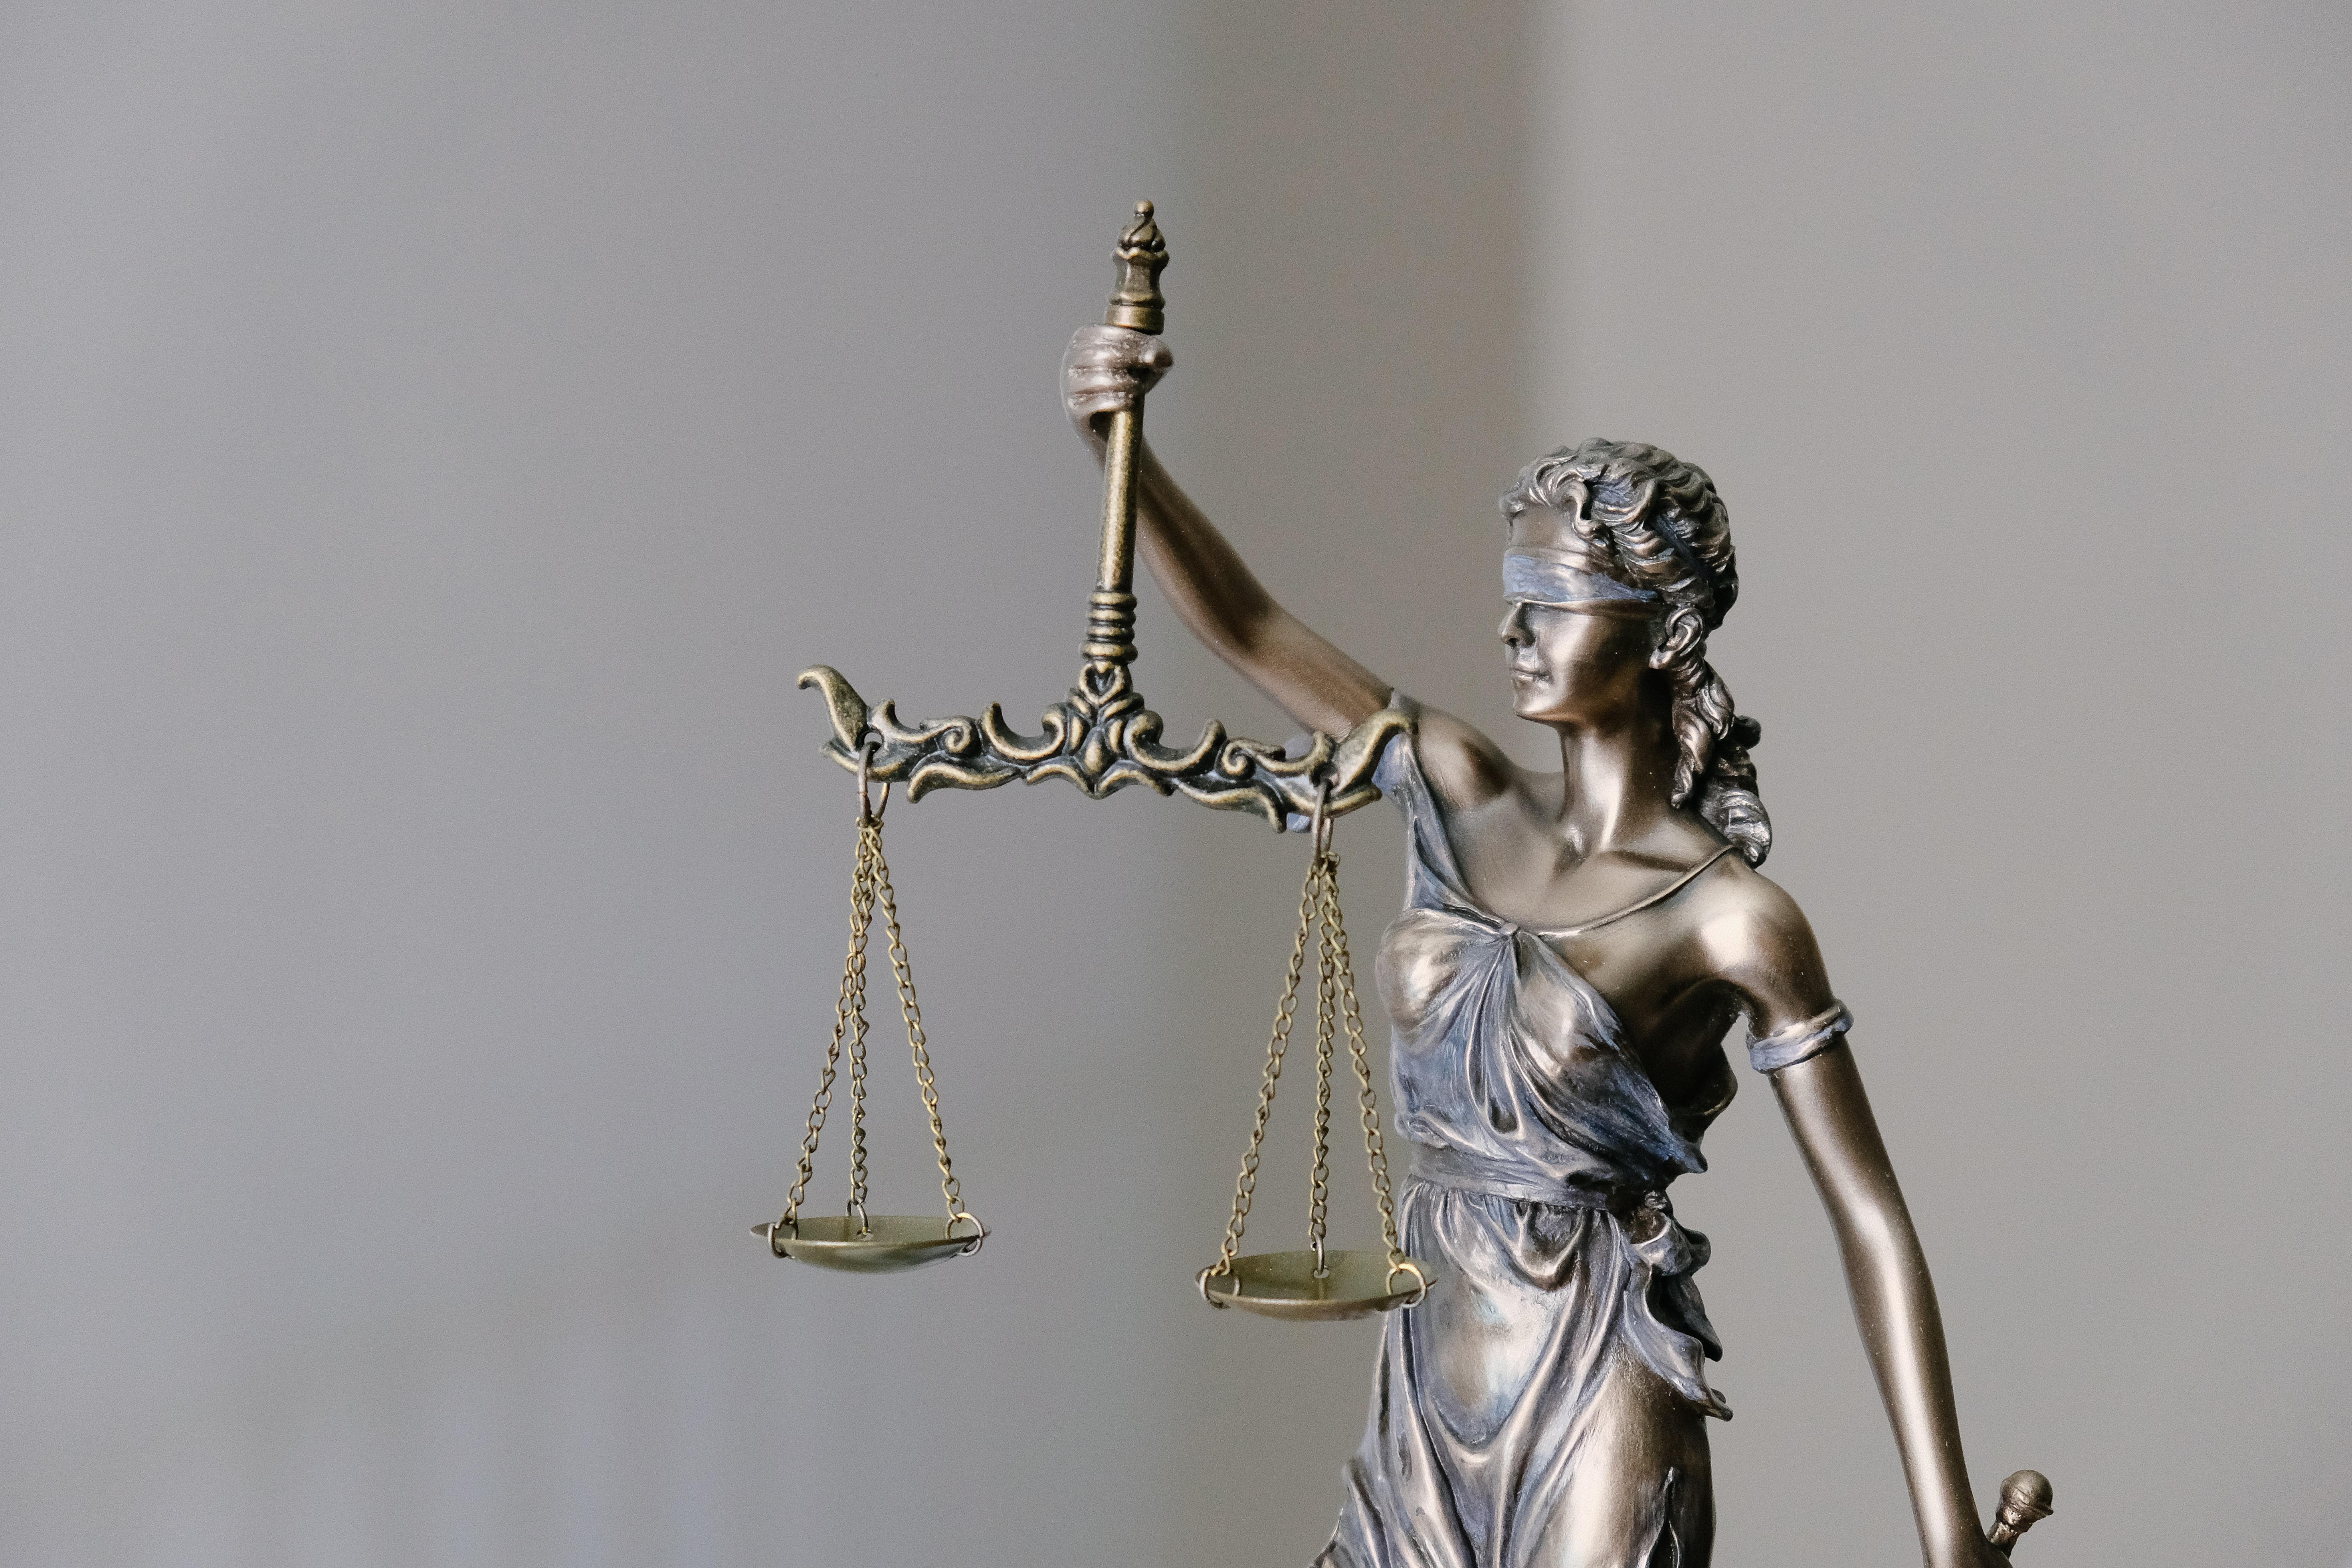 Cnf, Ocf, Uncc ai senatori: Con preclusioni e decadenze processo sara' meno equo e celere